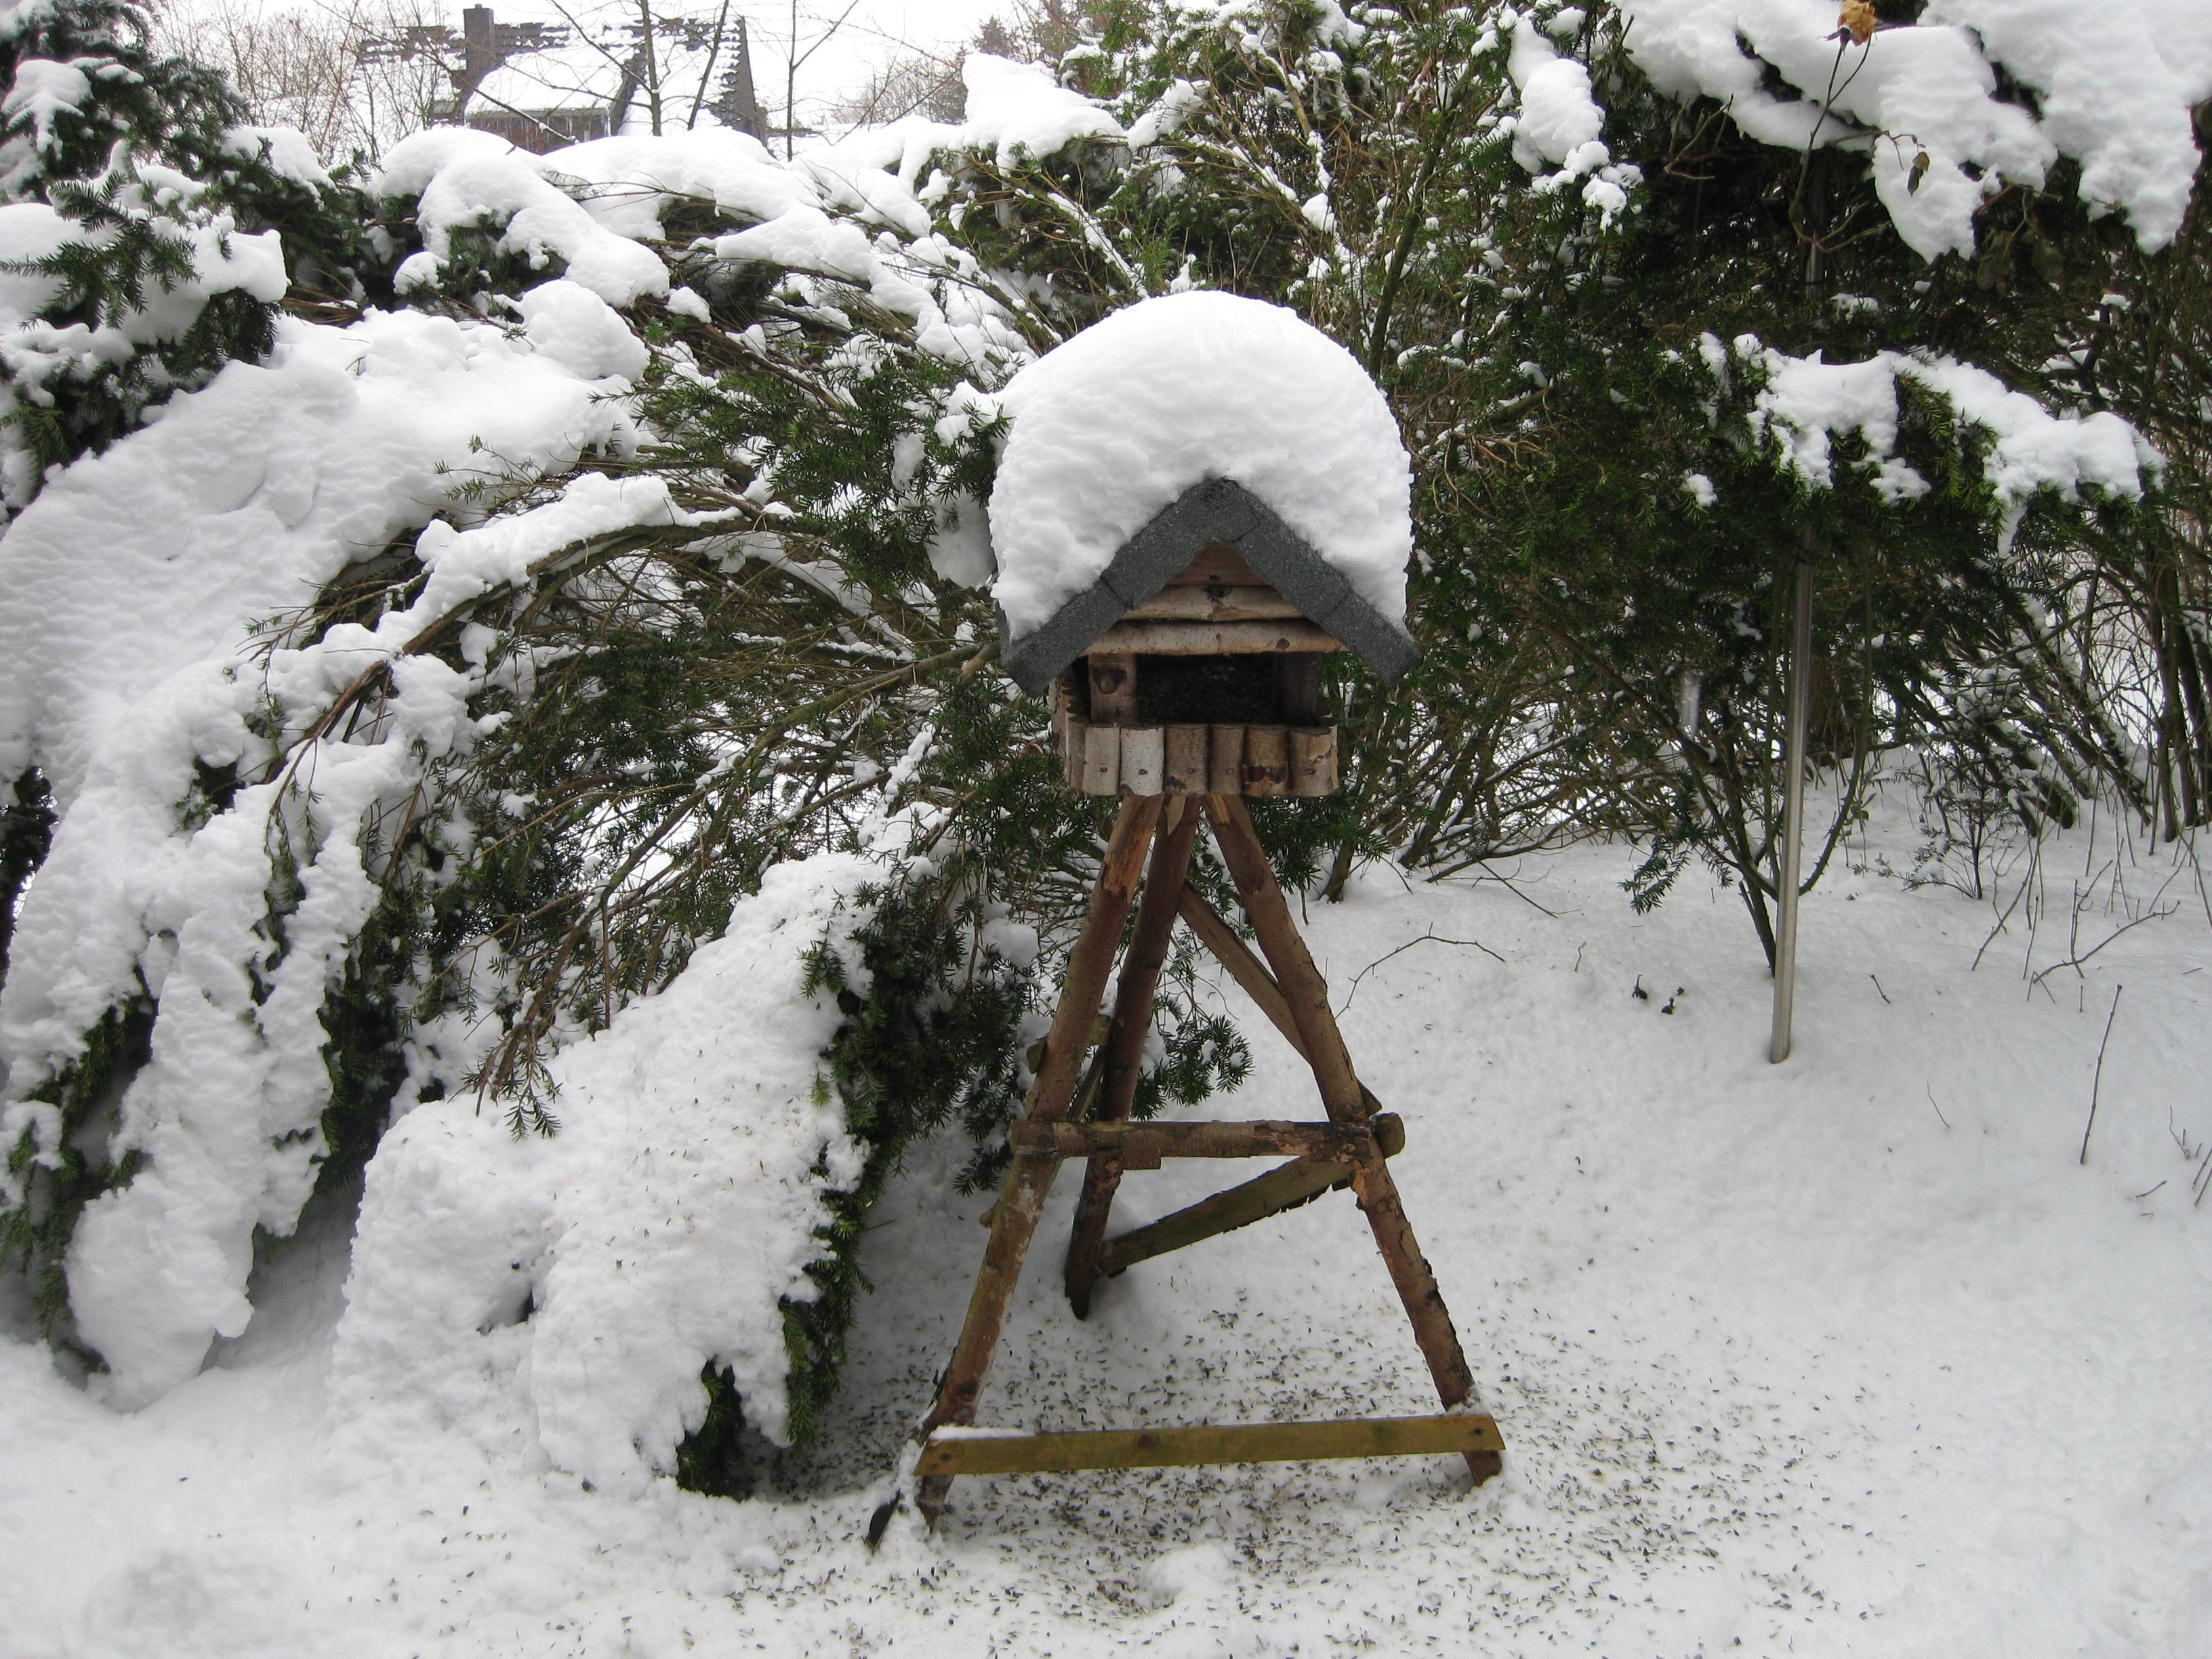 gratis afbeeldingen sneeuw winter vogel weer seizoen voeden voli re ijskoud 3264x2448. Black Bedroom Furniture Sets. Home Design Ideas